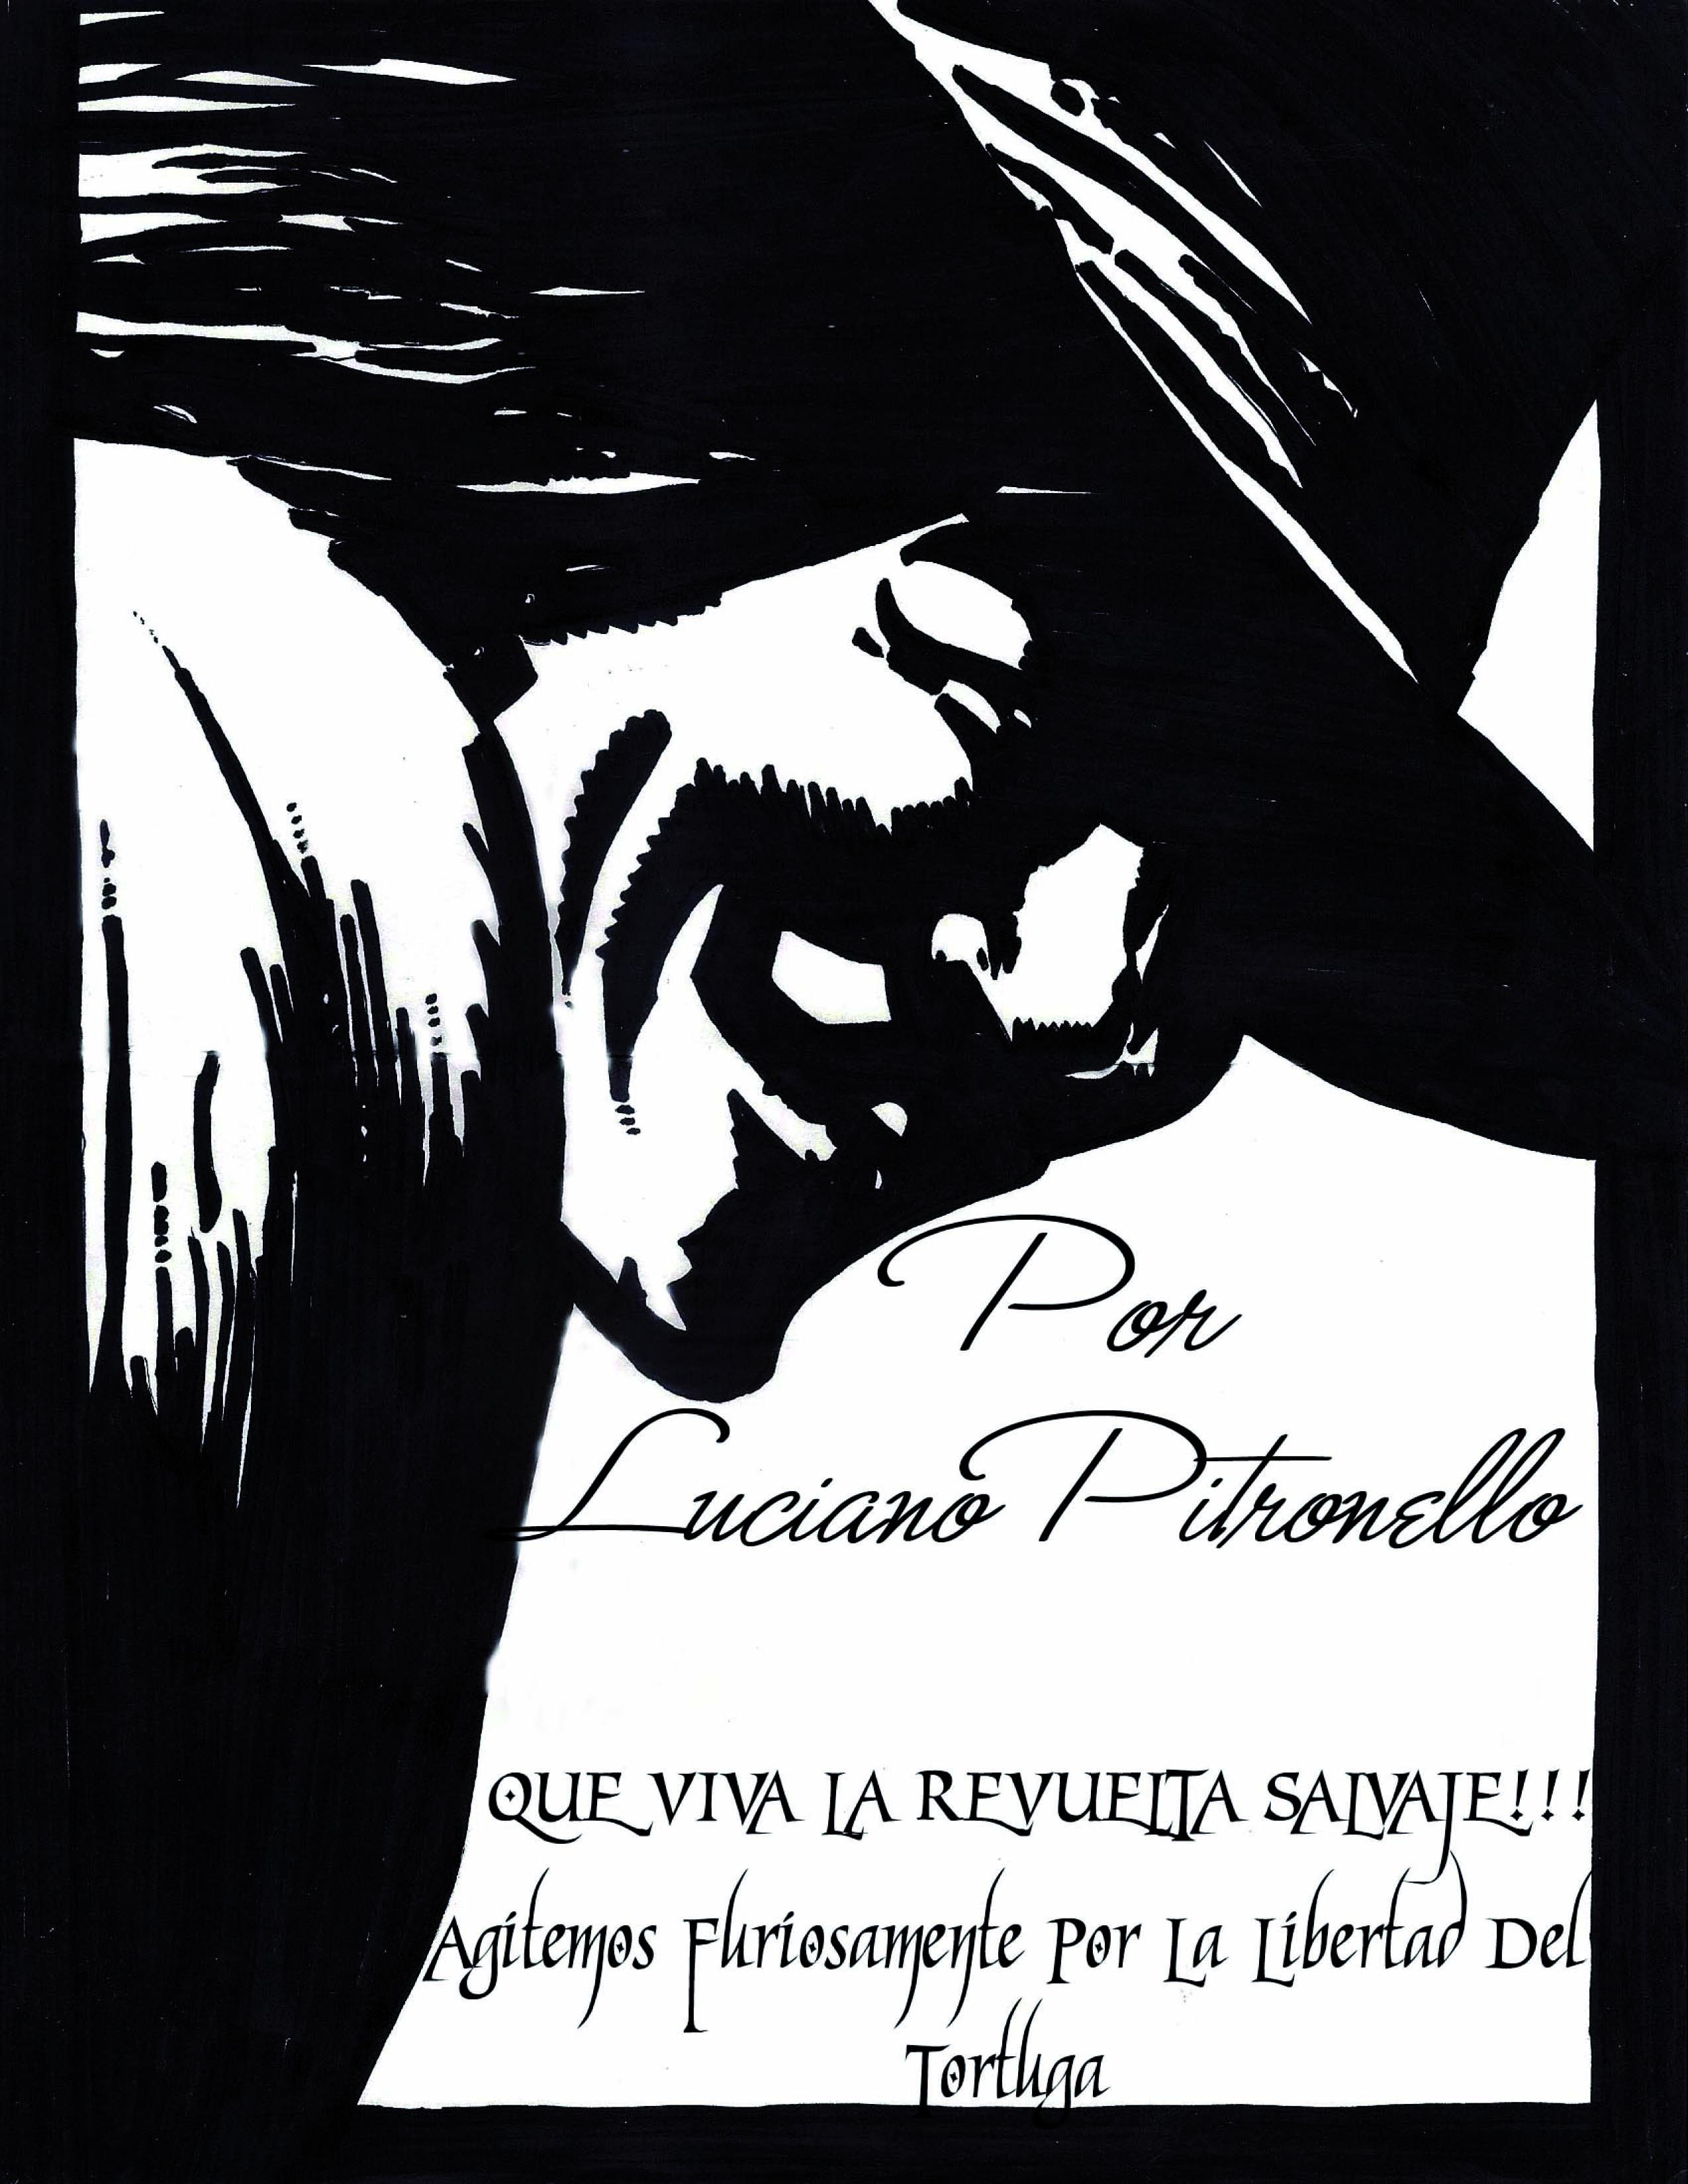 http://negratortuguitalakalle.noblogs.org/files/2012/03/tortu.jpg